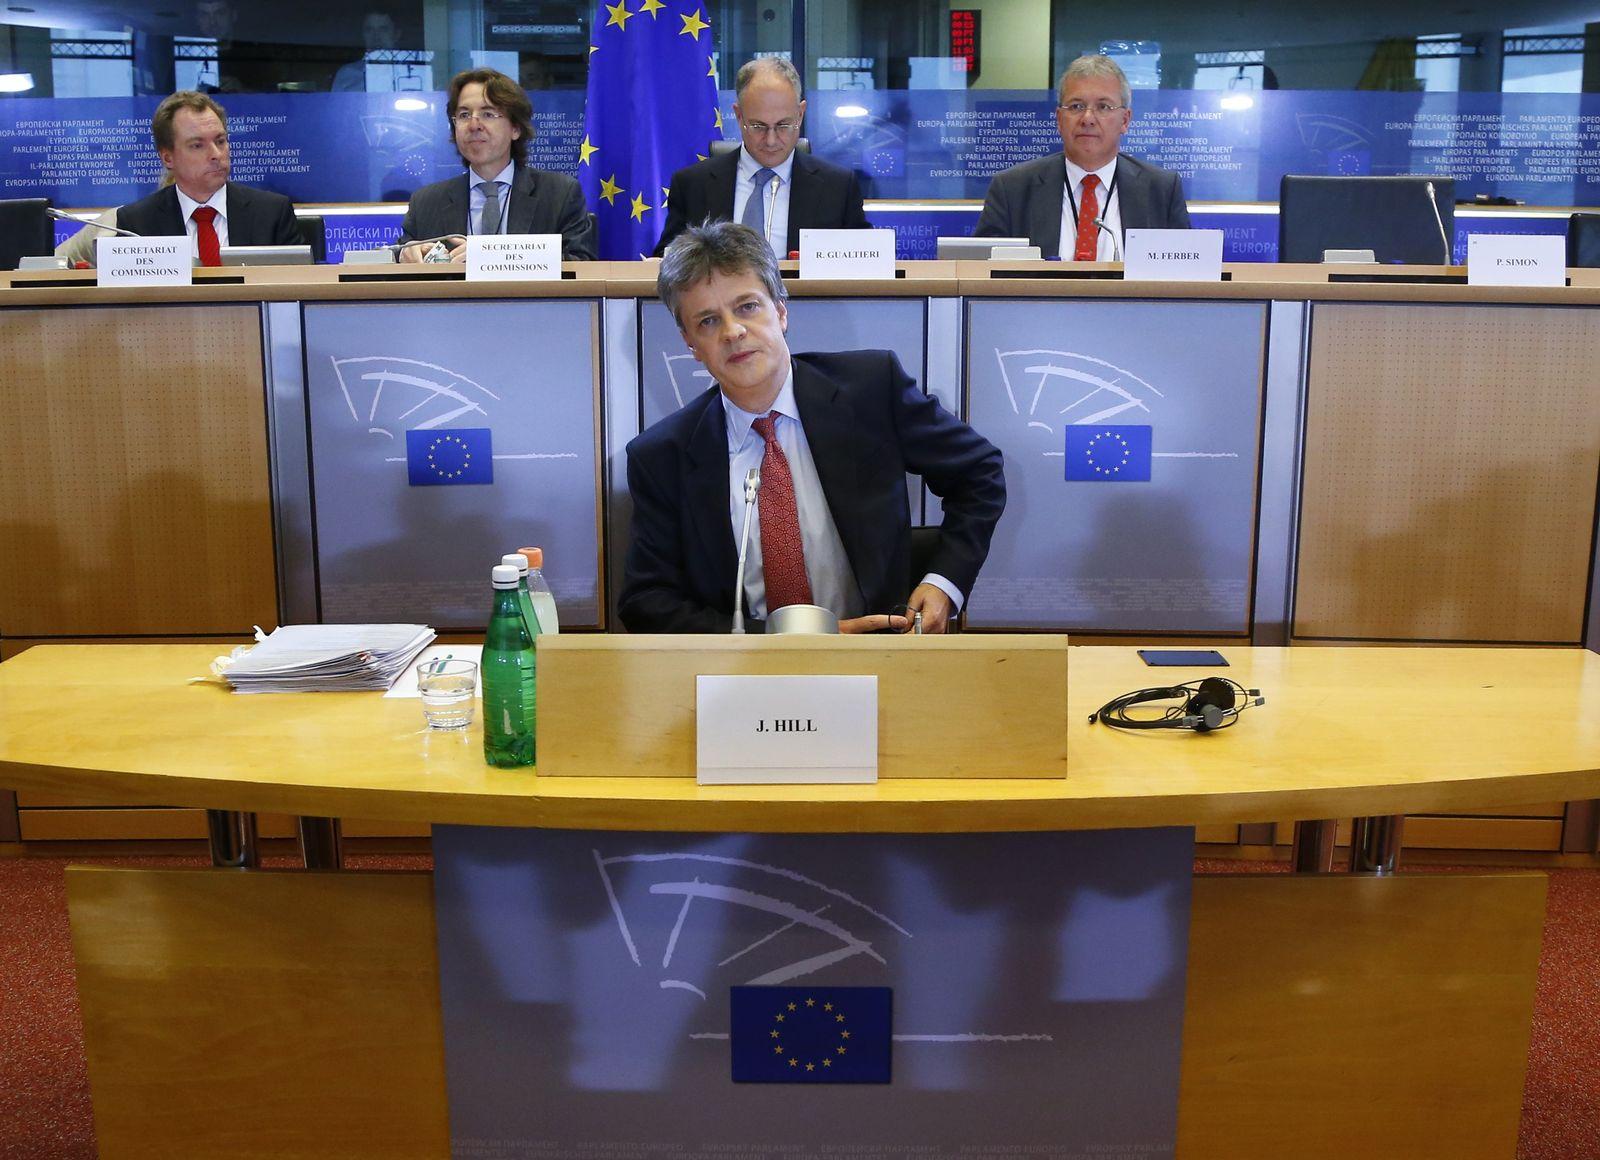 EU KOMMISSION / JONATHAN HILL